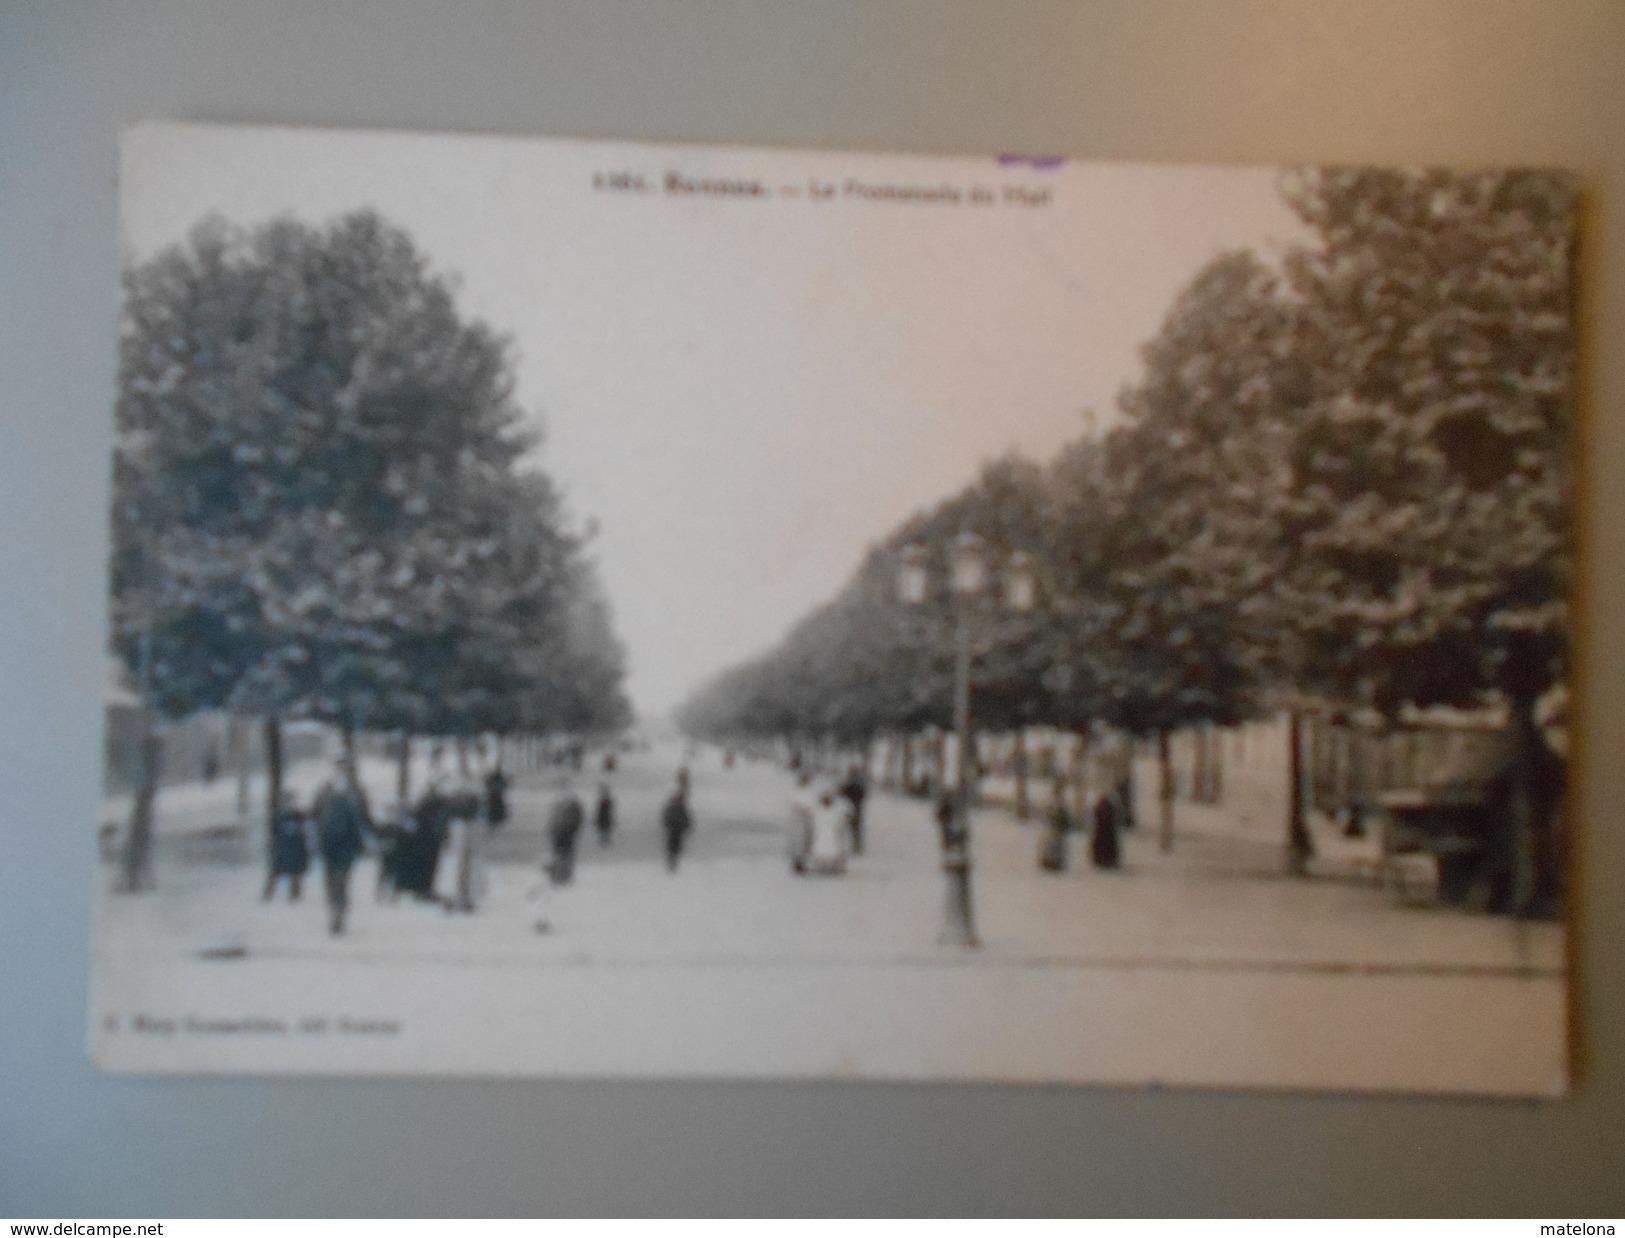 ILLE ET VILAINE RENNES LA PROMENADE DU MAIL - Rennes